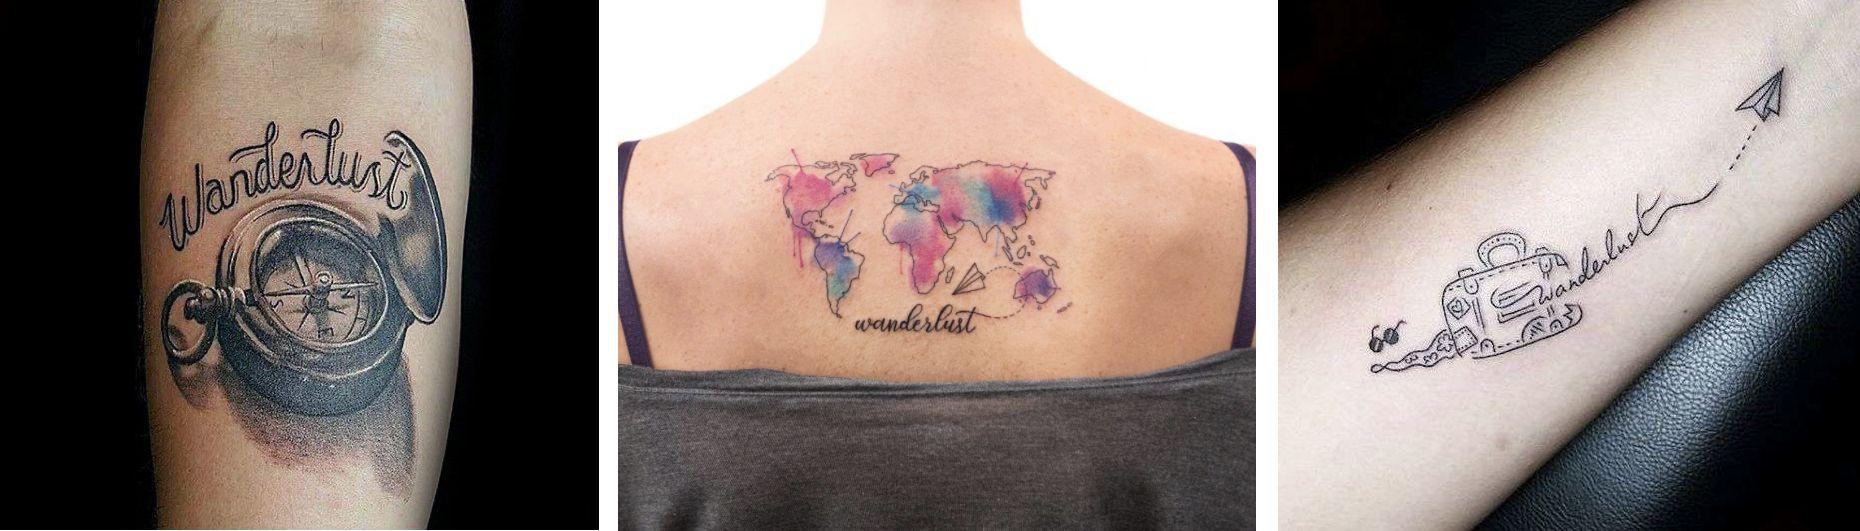 Tatuaggio Tattoo Viaggi Viaggiare Scritte